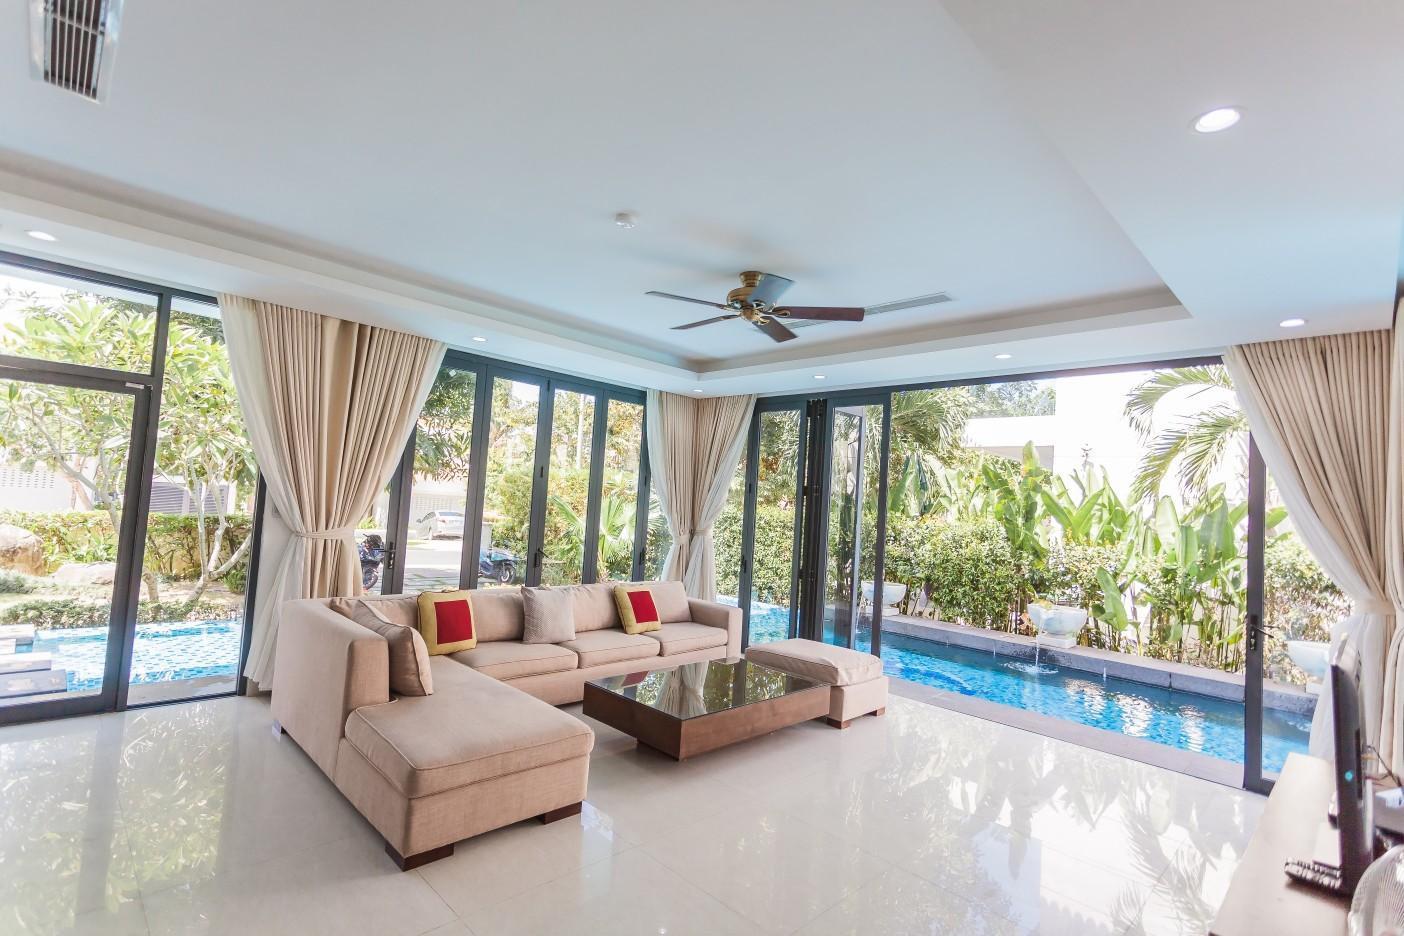 Deluxe Pool Villa In Beach Resort  4BR